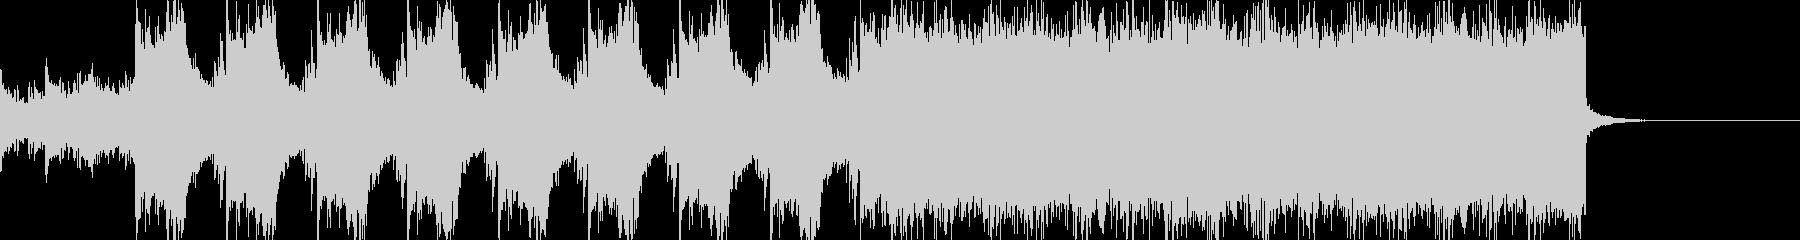 ゲームのバトルシーンBGMの未再生の波形